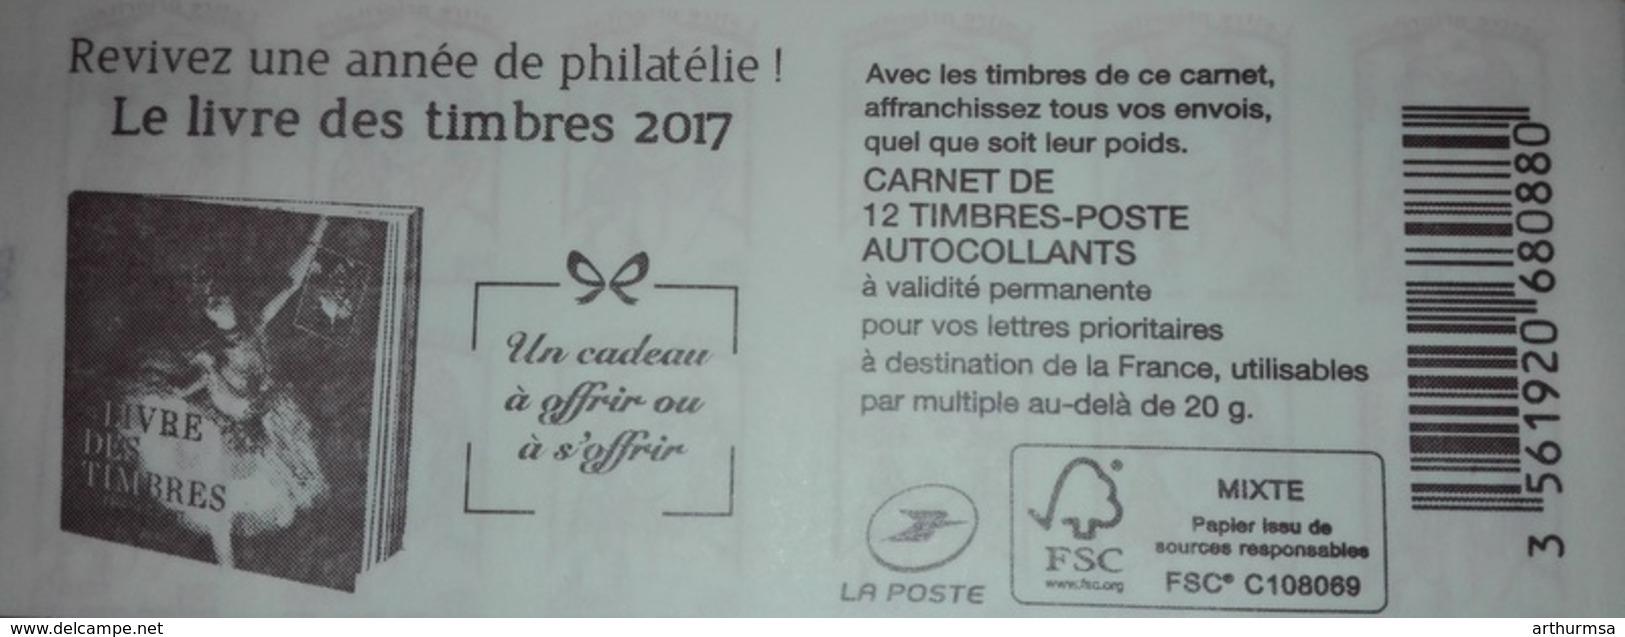 CARNET MARIANNE CIAPPA SANS 20 GRAMMES AVEC NUMERO LE LIVRE DES TIMBRES 2017 - Markenheftchen